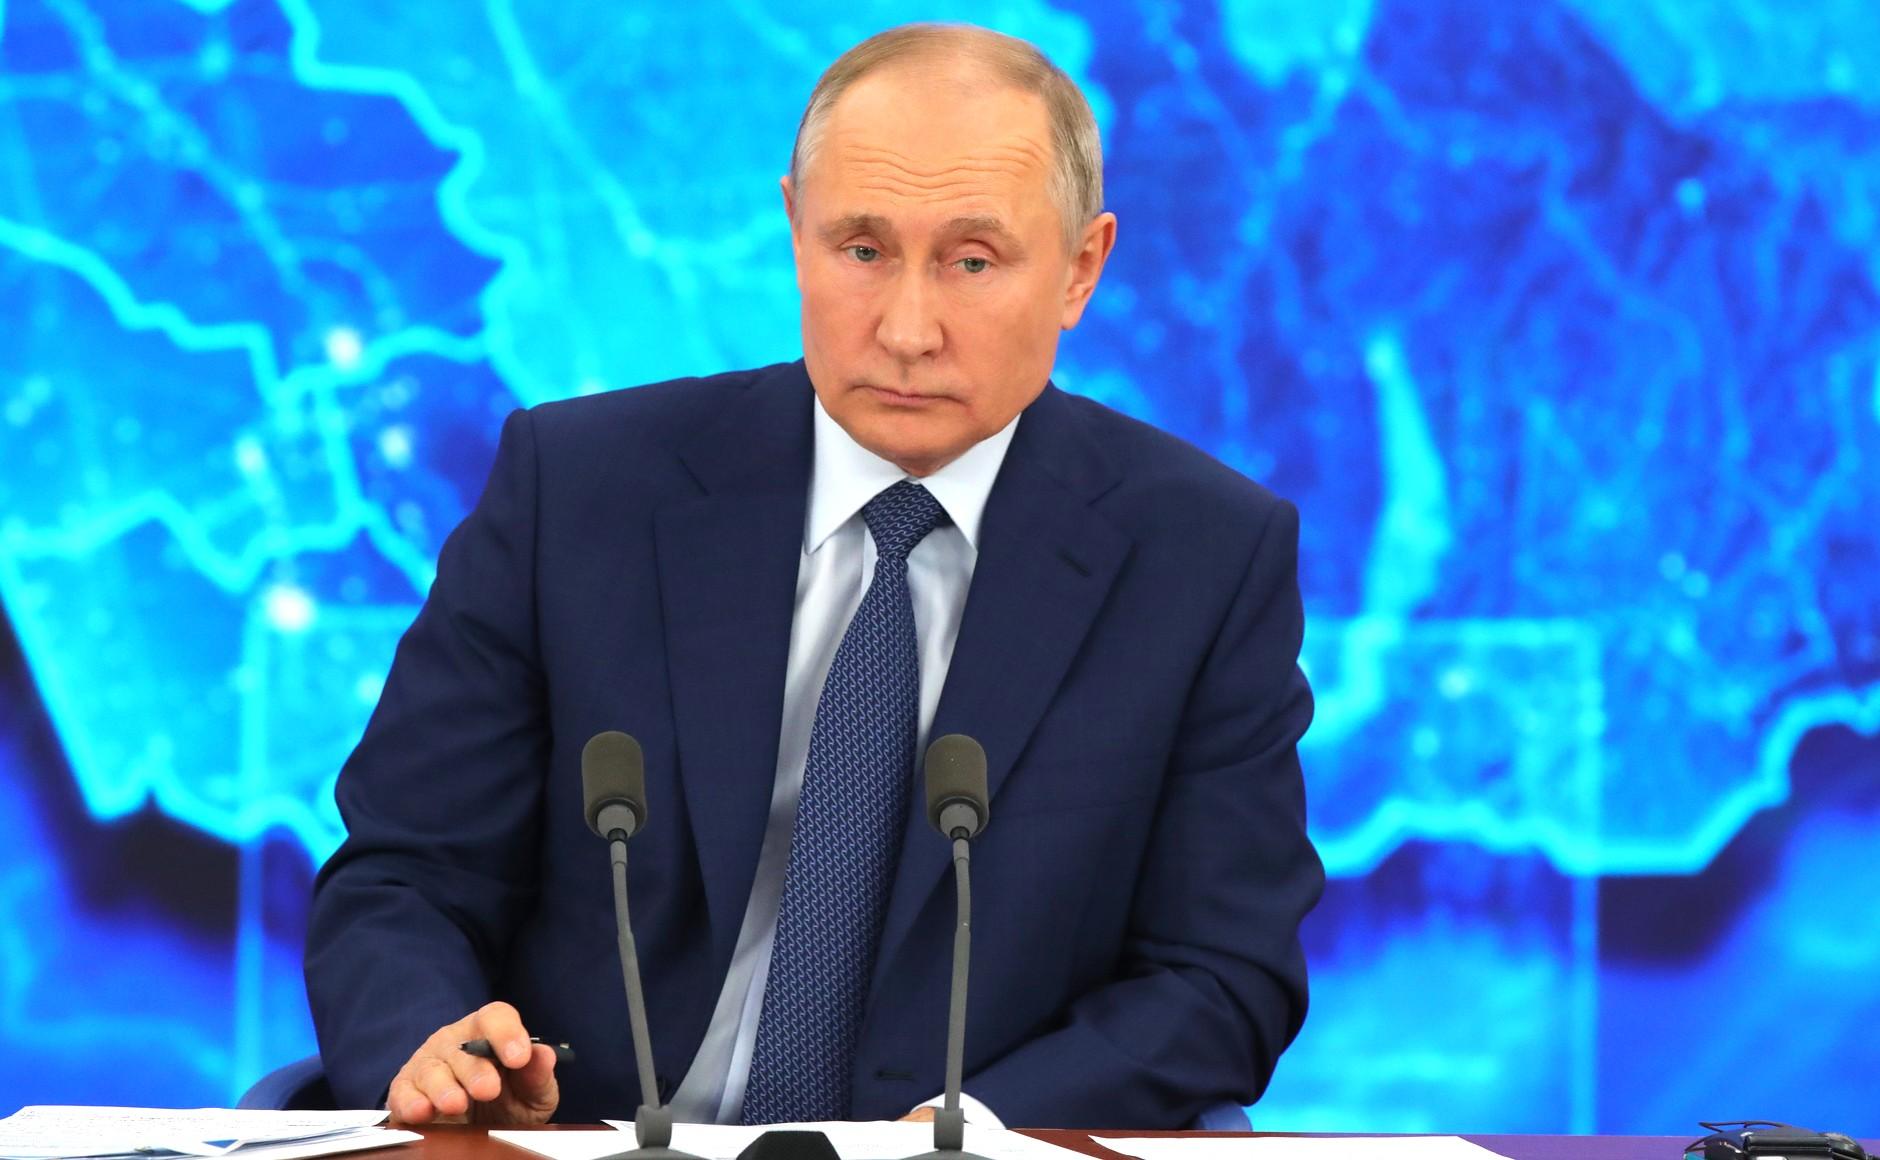 RUSSIE 17.12.2020.CONFERENCE 43 XX 66 Avant le début de la conférence de presse annuelle de Vladimir Poutine.